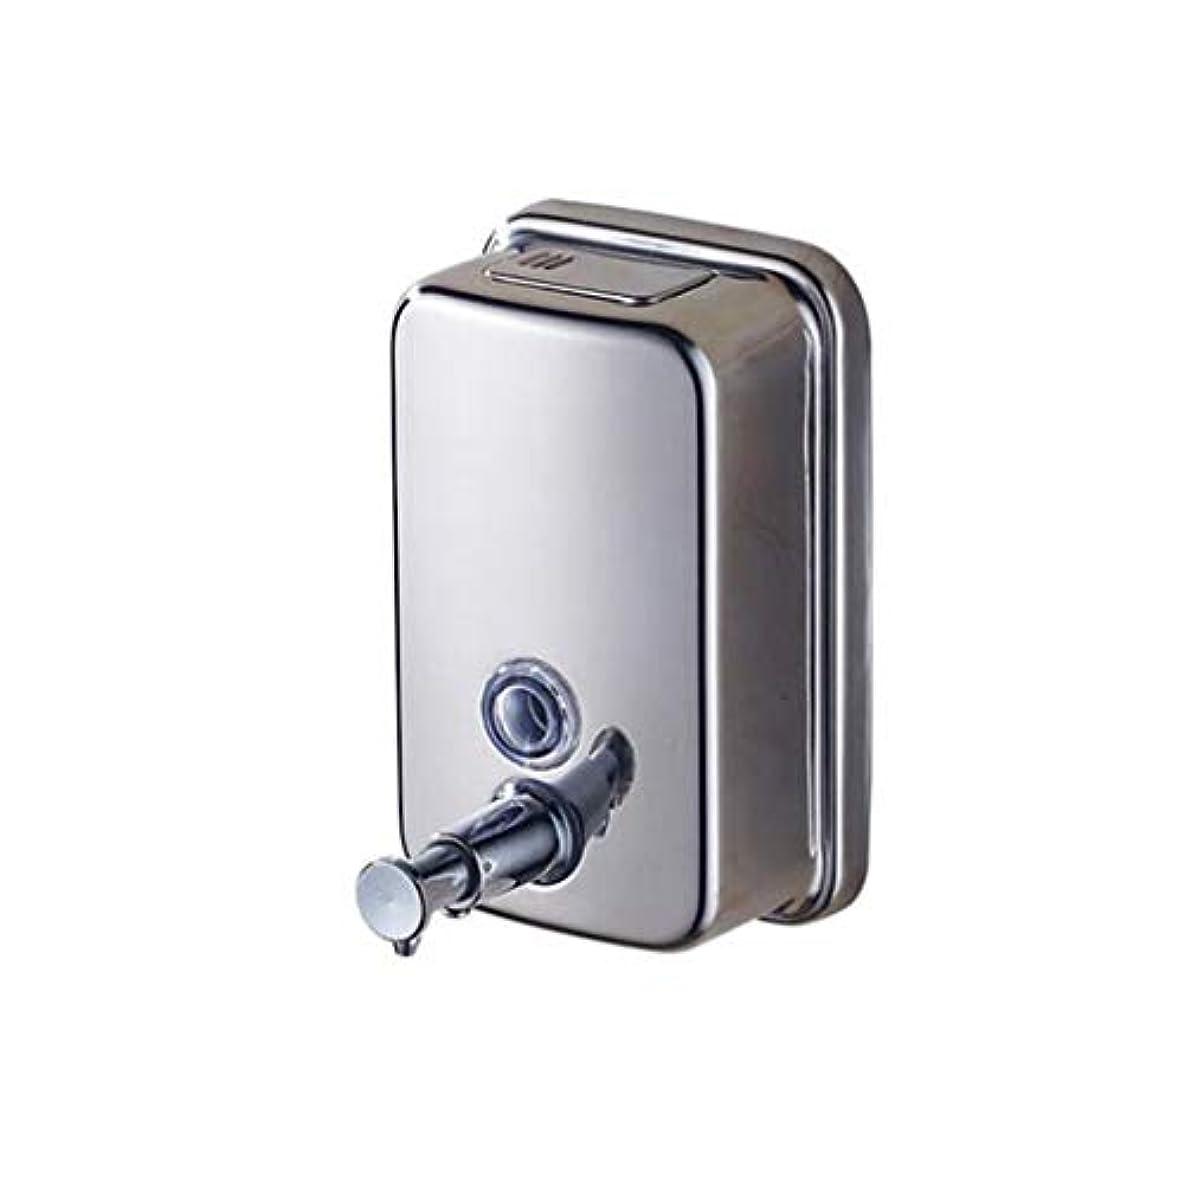 ナインへブロー速報Kylinssh 台所の流しおよび浴室のための単に壁に設置されたソープディスペンサー - ソープディスペンサーホルダー